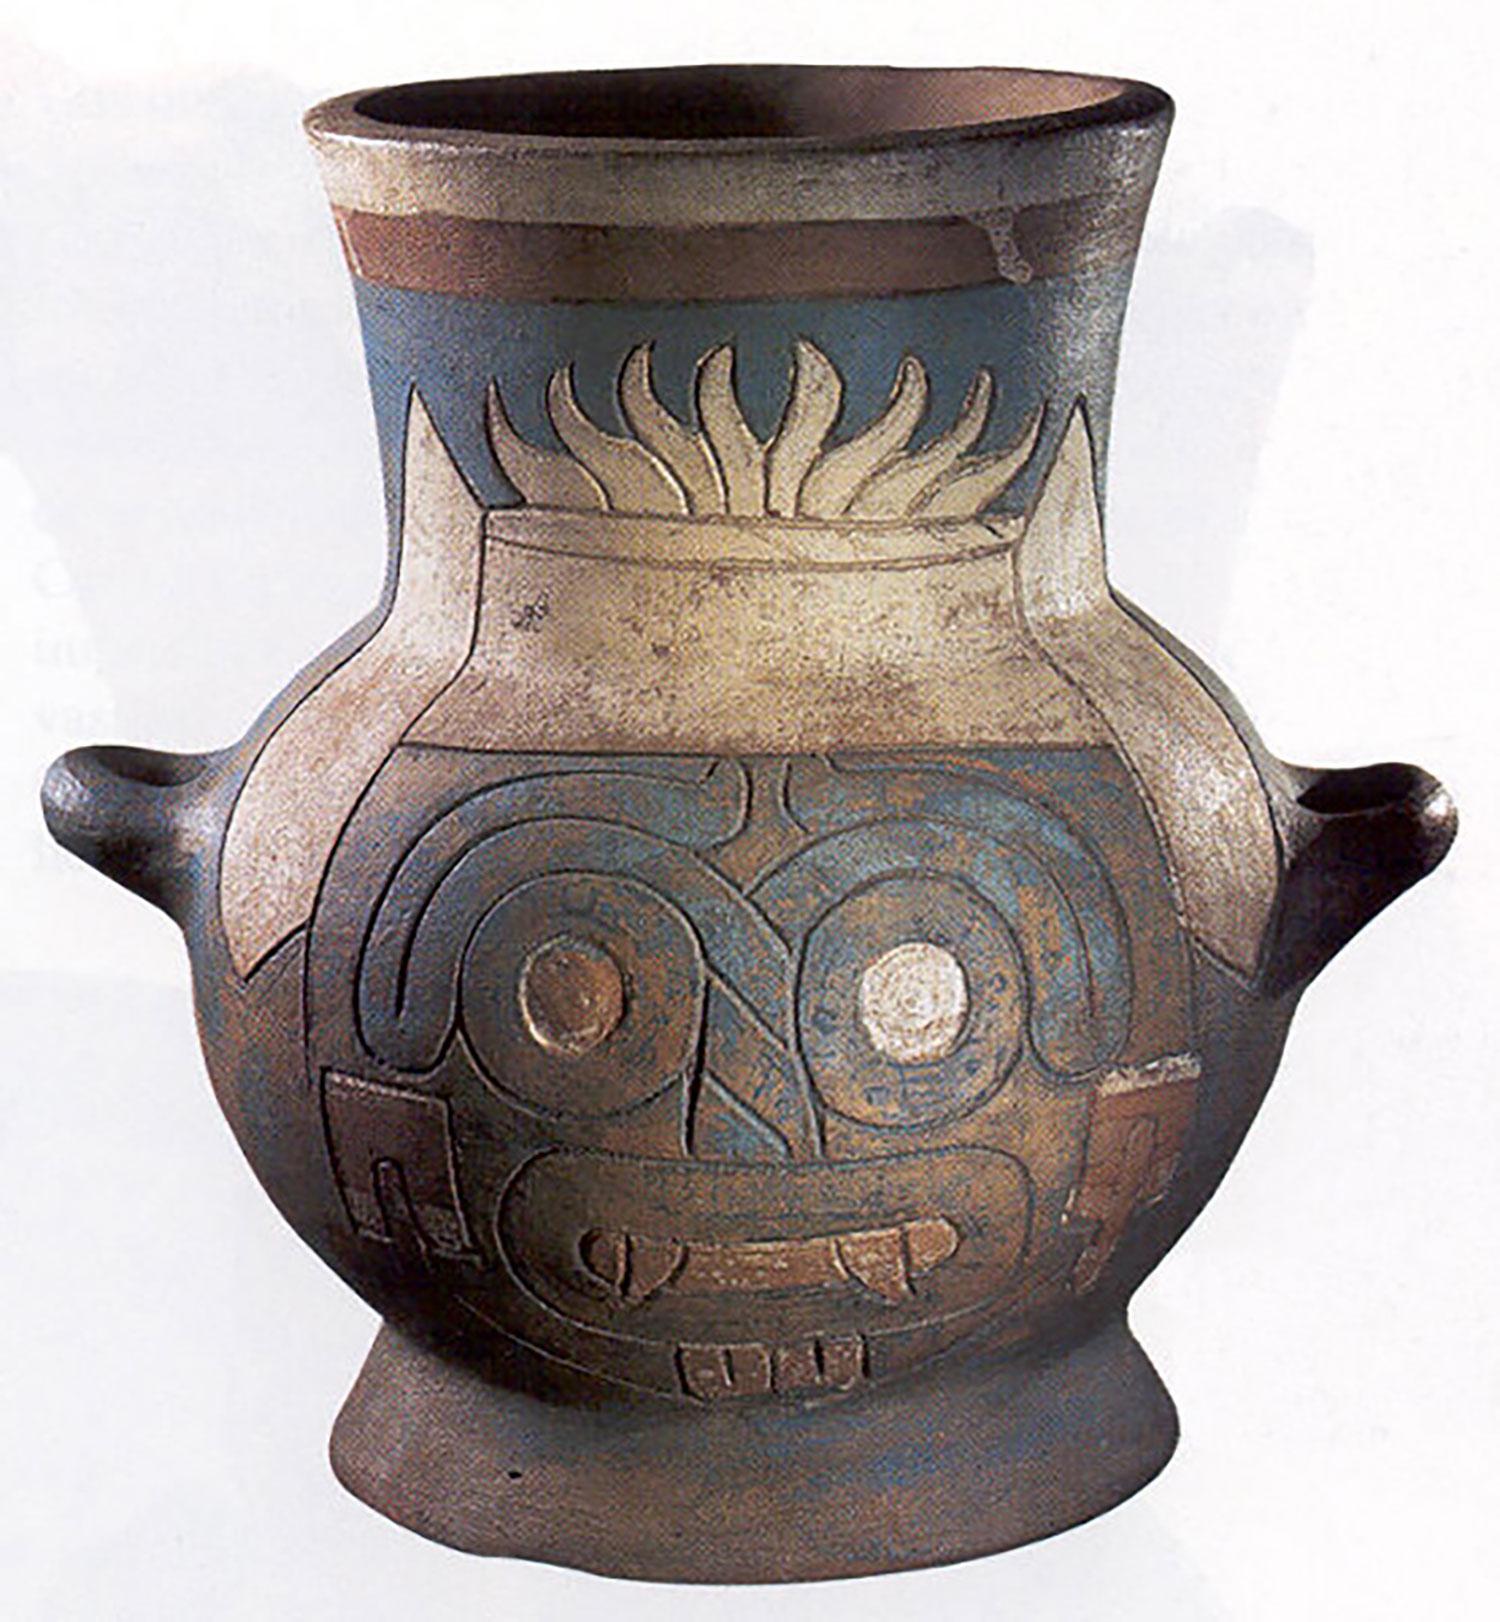 Hammocks_and_Ruins_Mayan_Mythology_What_to_Do_Mexico_Maya_Mysteries_Goggles_28.jpg